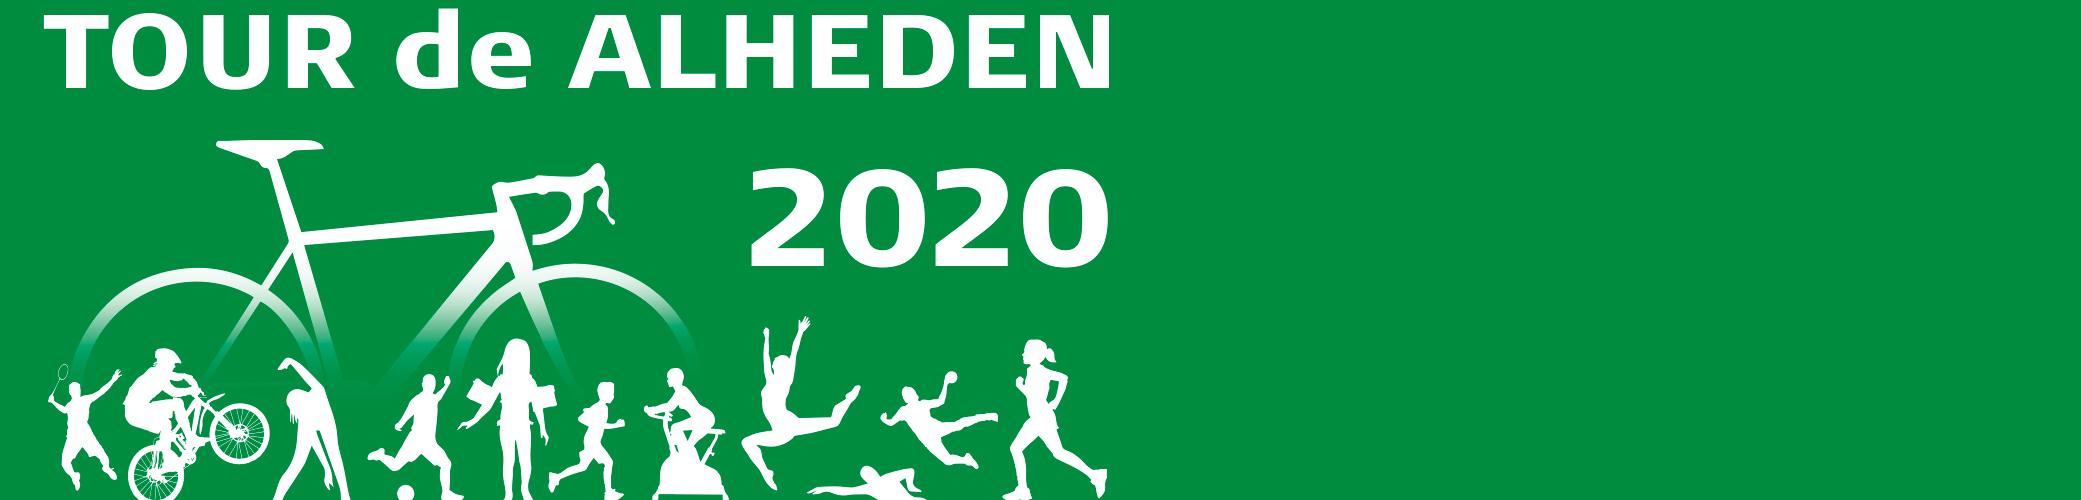 Tour de Alheden 2020